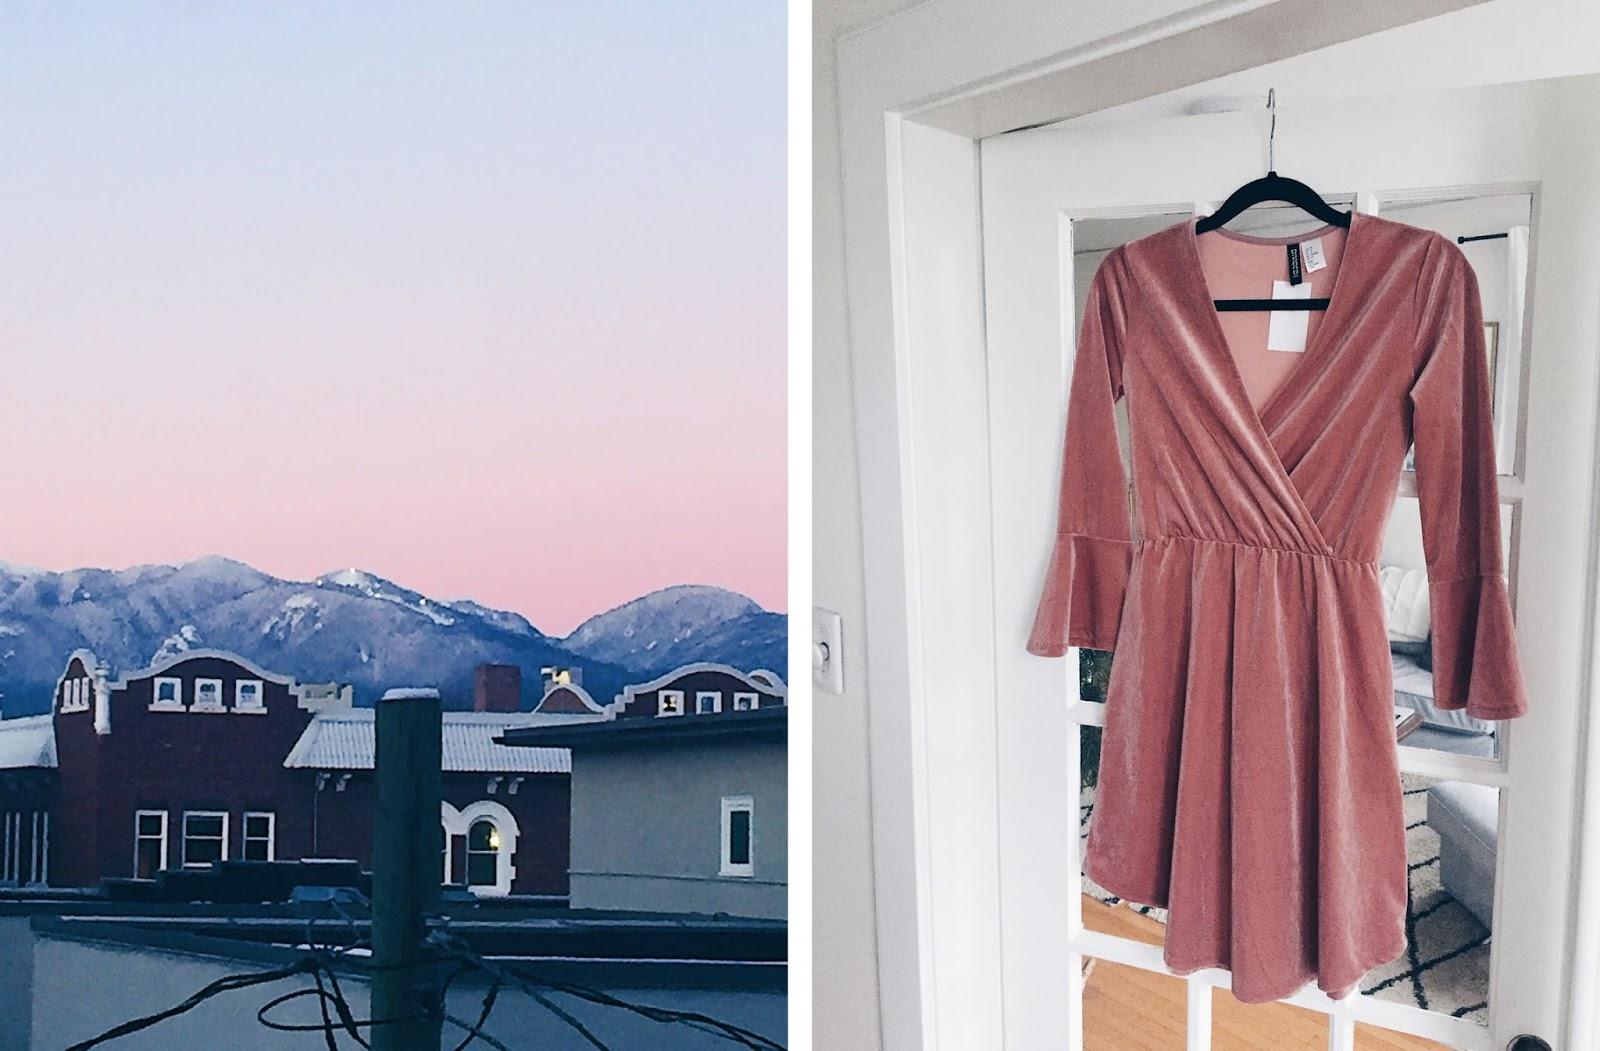 blush velvet dress from H&M